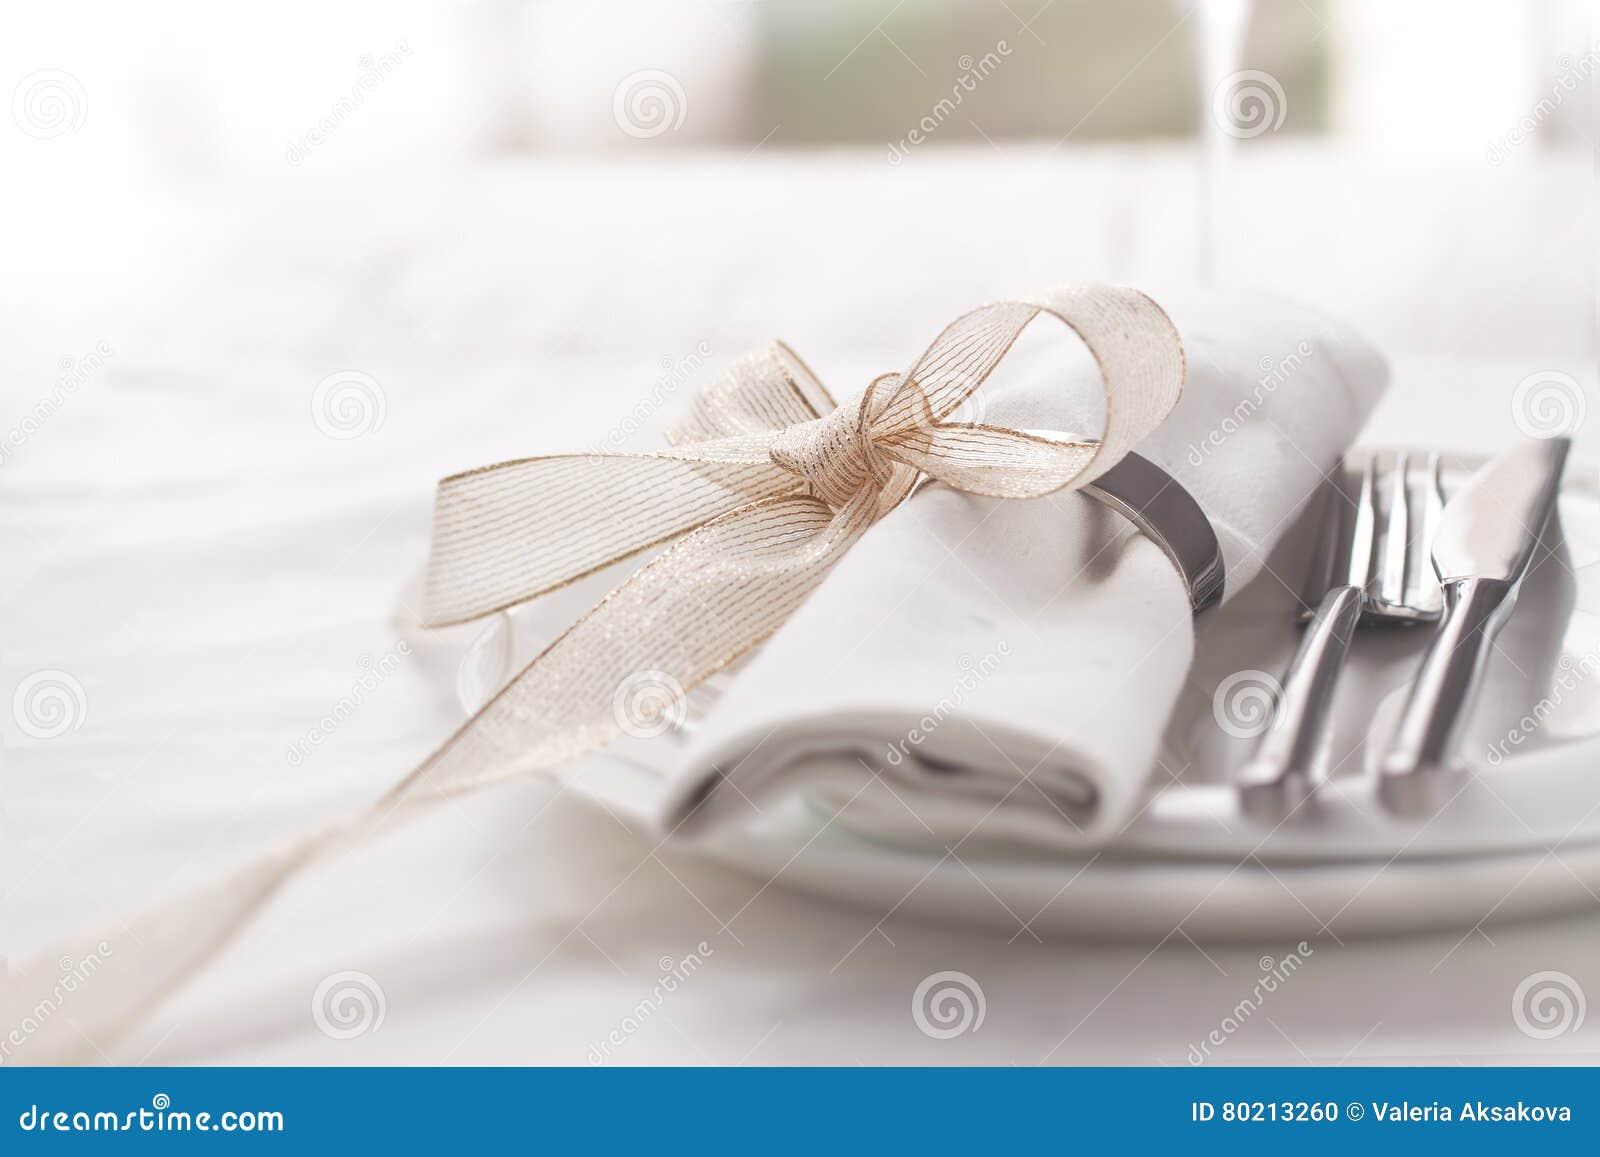 Schön elegante verzierte Tabelle für Feiertag - Hochzeit oder Valentinstag mit modernem Tischbesteck, Bogen, Glas, Kerze und Gesc